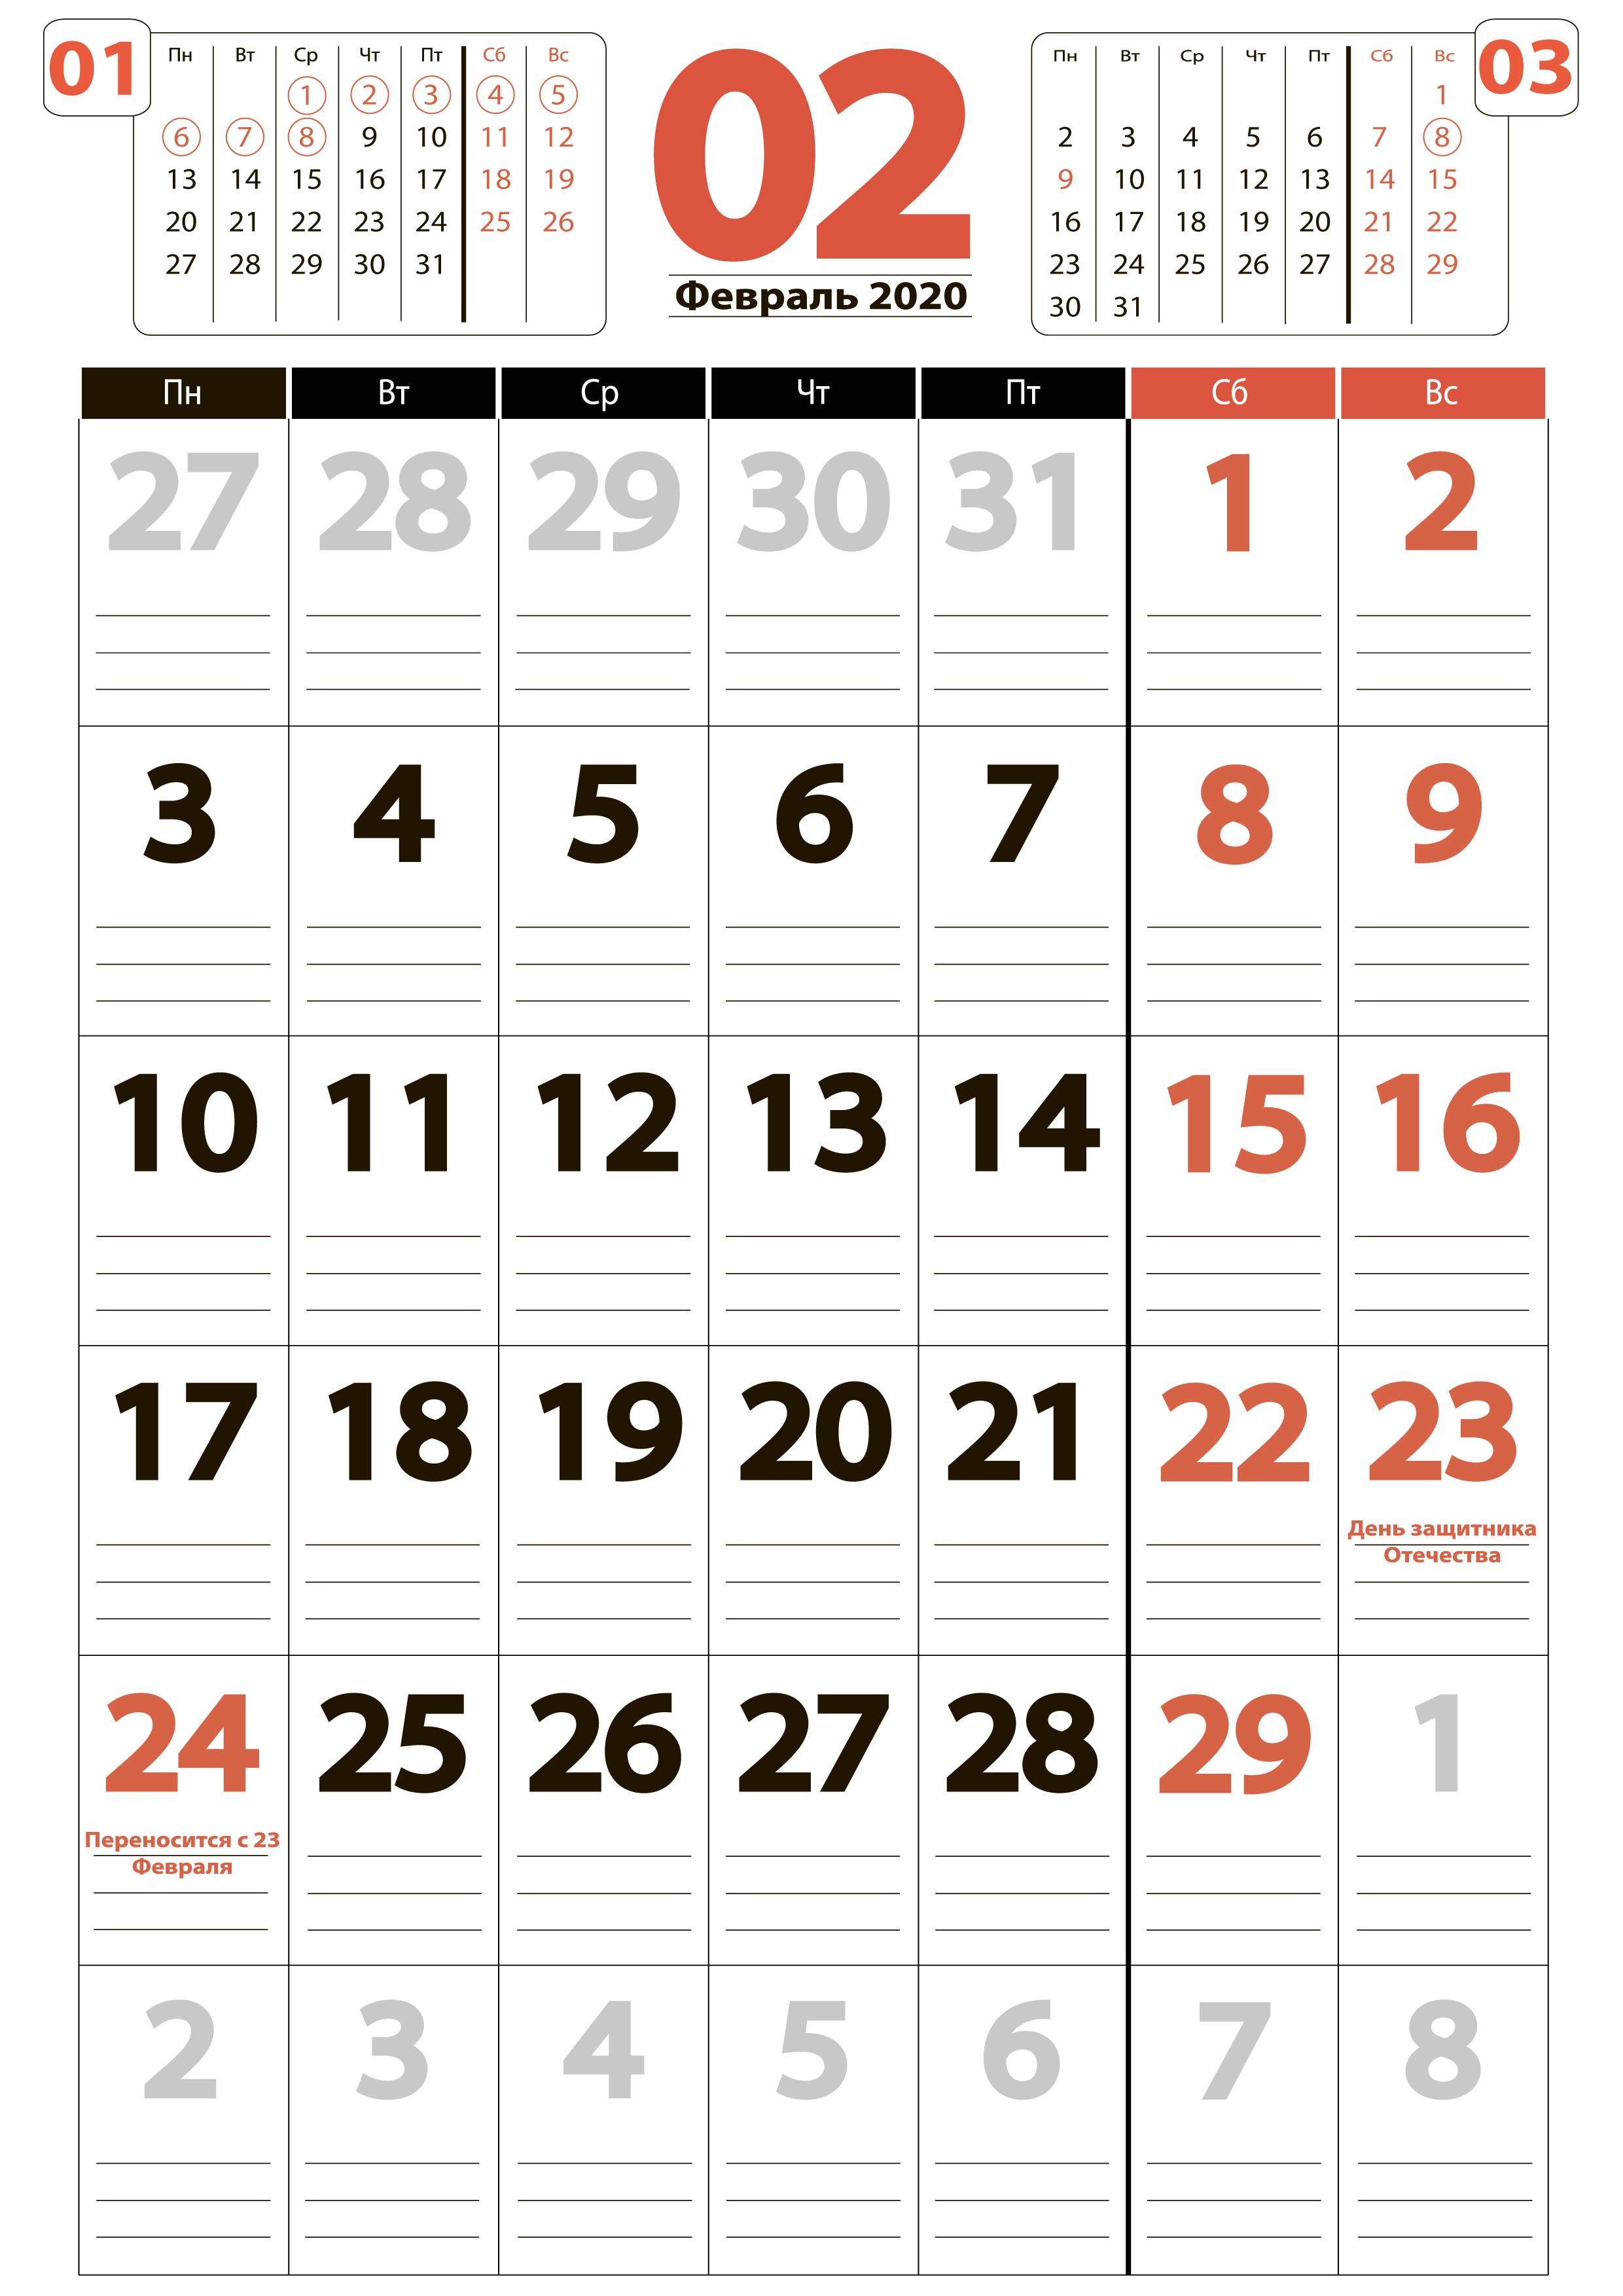 Февраль 2020 - Крупный календарь на месяц